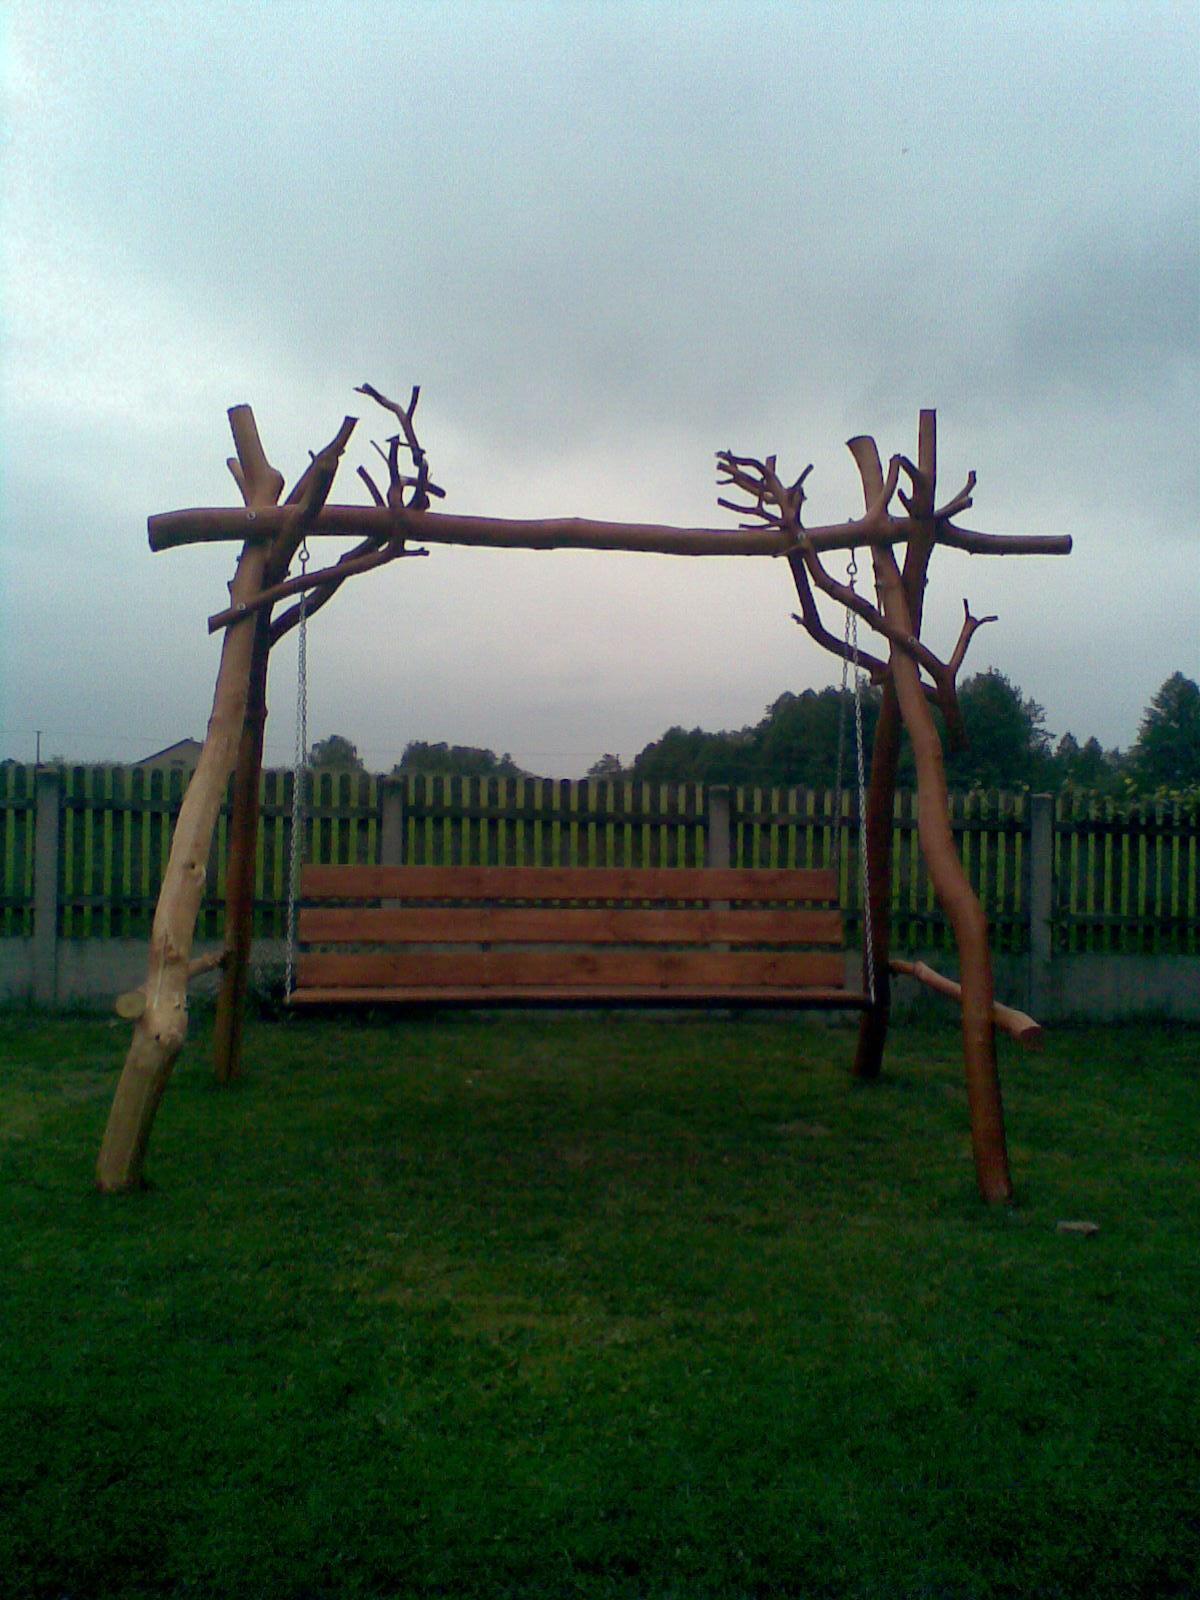 Meble Ogrodowe Na Zamowienie Wrocław : Galeria dla usługi Meble ogrodowe na zamówienie Ławeczki bujkanki